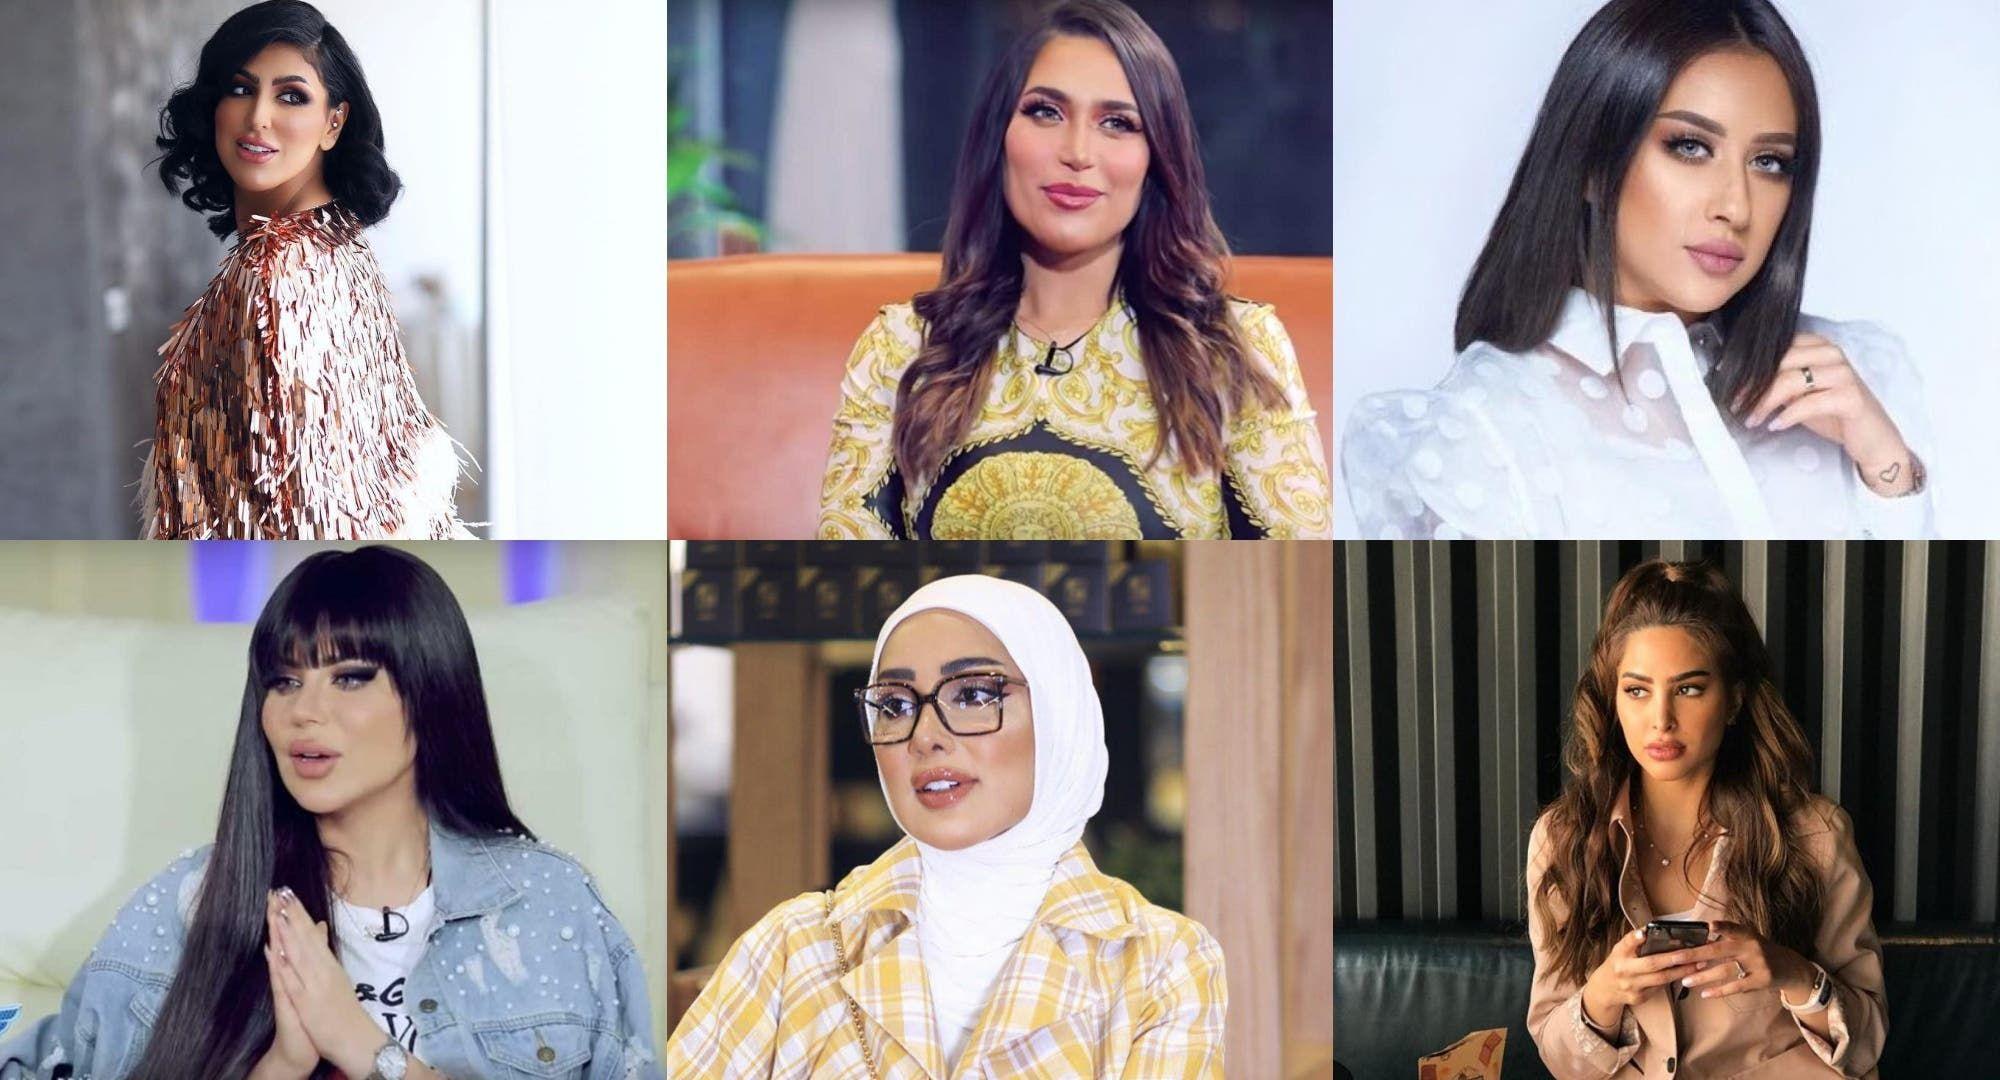 فاشنيستا كويتية تحاول تهريب مجوهرات عن طريق والدها والأمن يتدخل In 2021 Women Fashion Ruffled